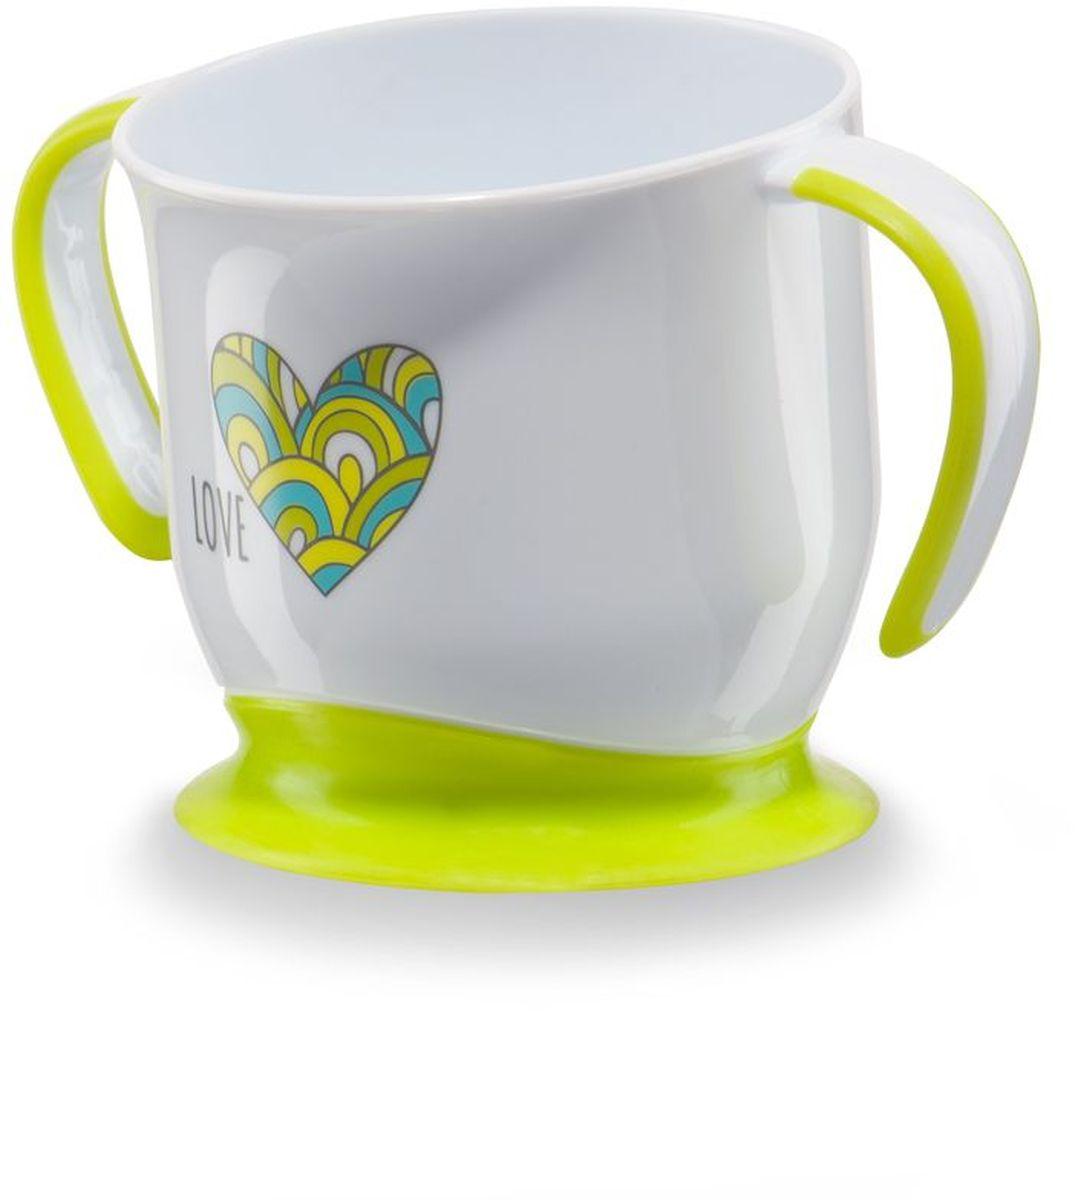 Happy Baby Кружка на присоске цвет белый салатовый15022Кружка на присоске Happy Baby - эргономичная форма создана специально для удобства питья,ручки с анитискользящим покрытием, нескользящее дно с присоской.